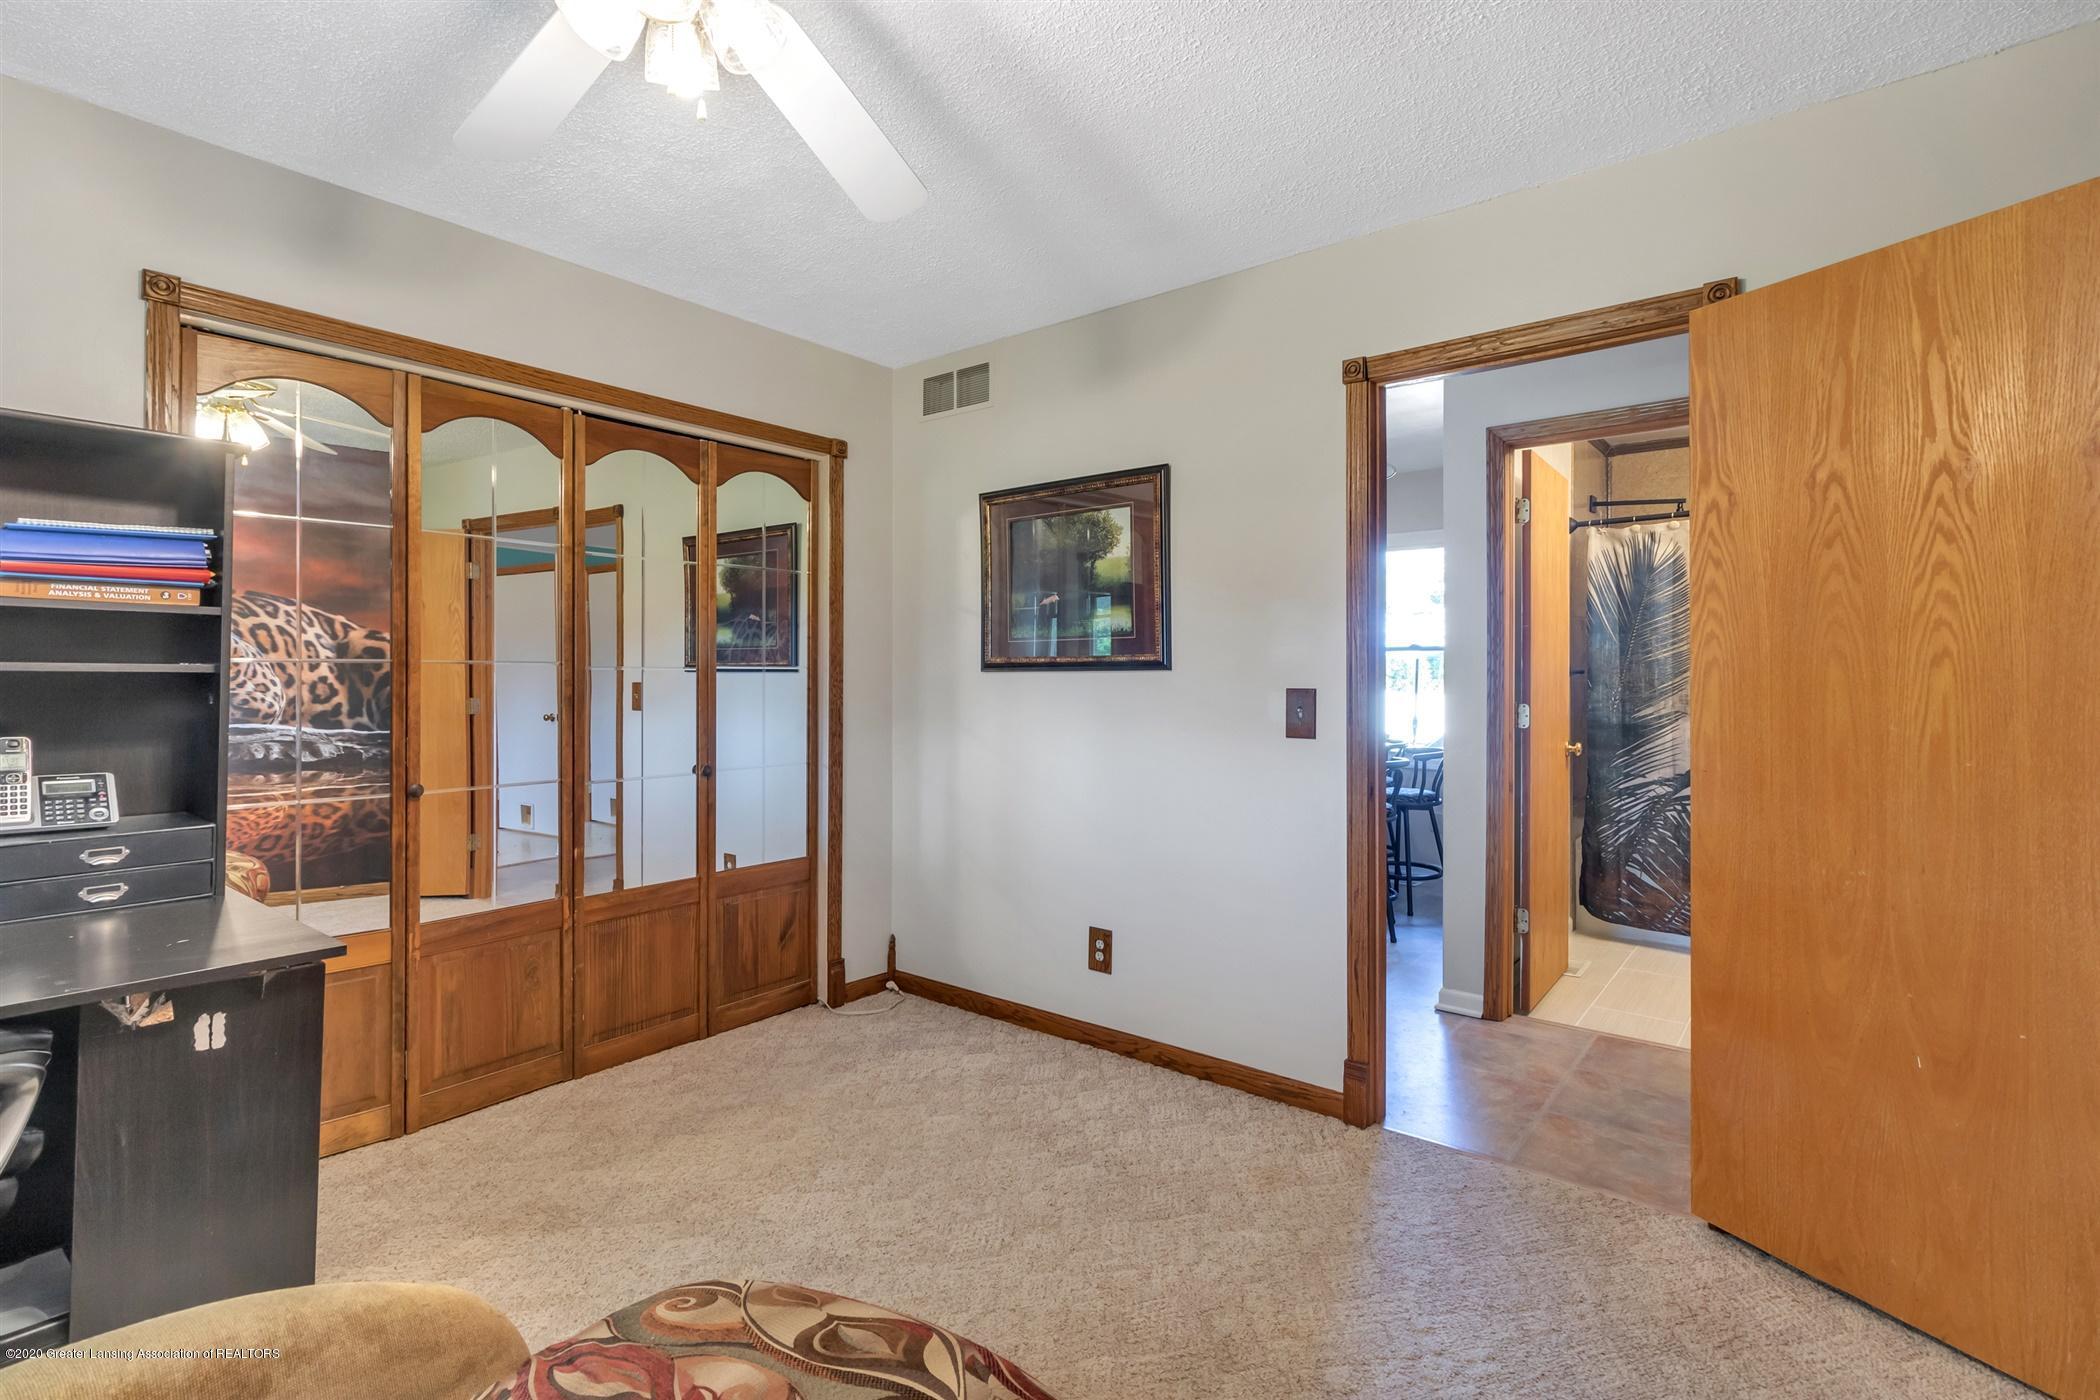 7346 W Cutler Rd - OFFICE OFF KITCHEN - 15